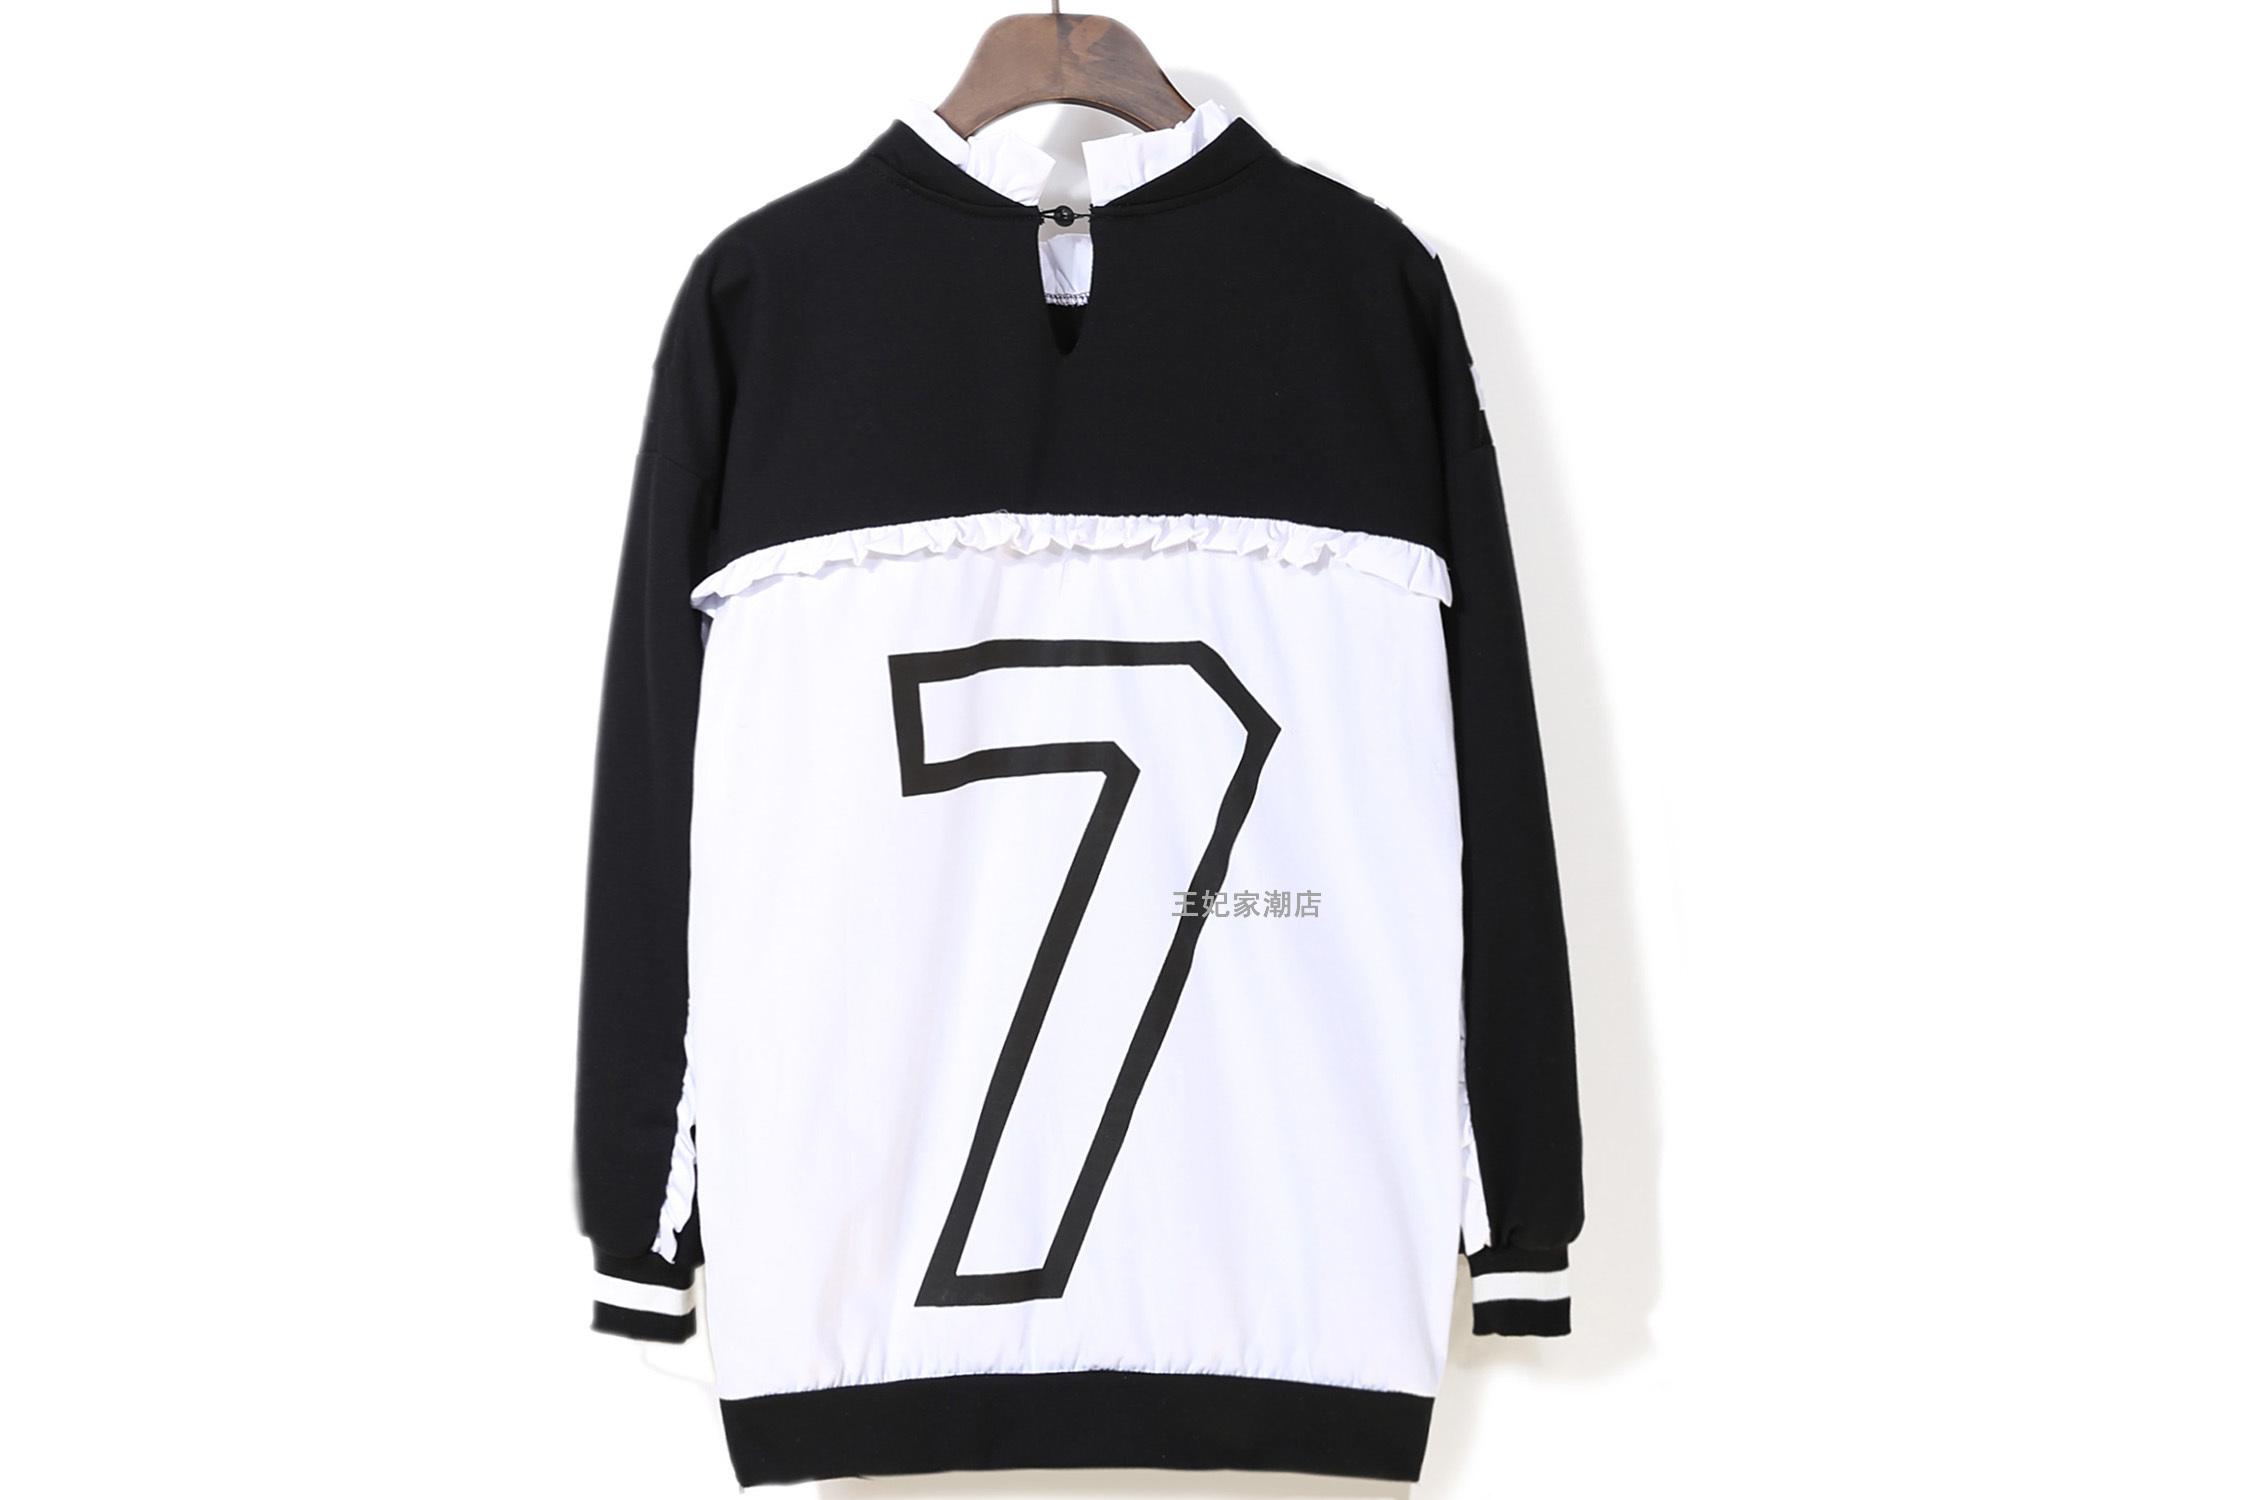 黑白荷叶花边领7号长款卫衣